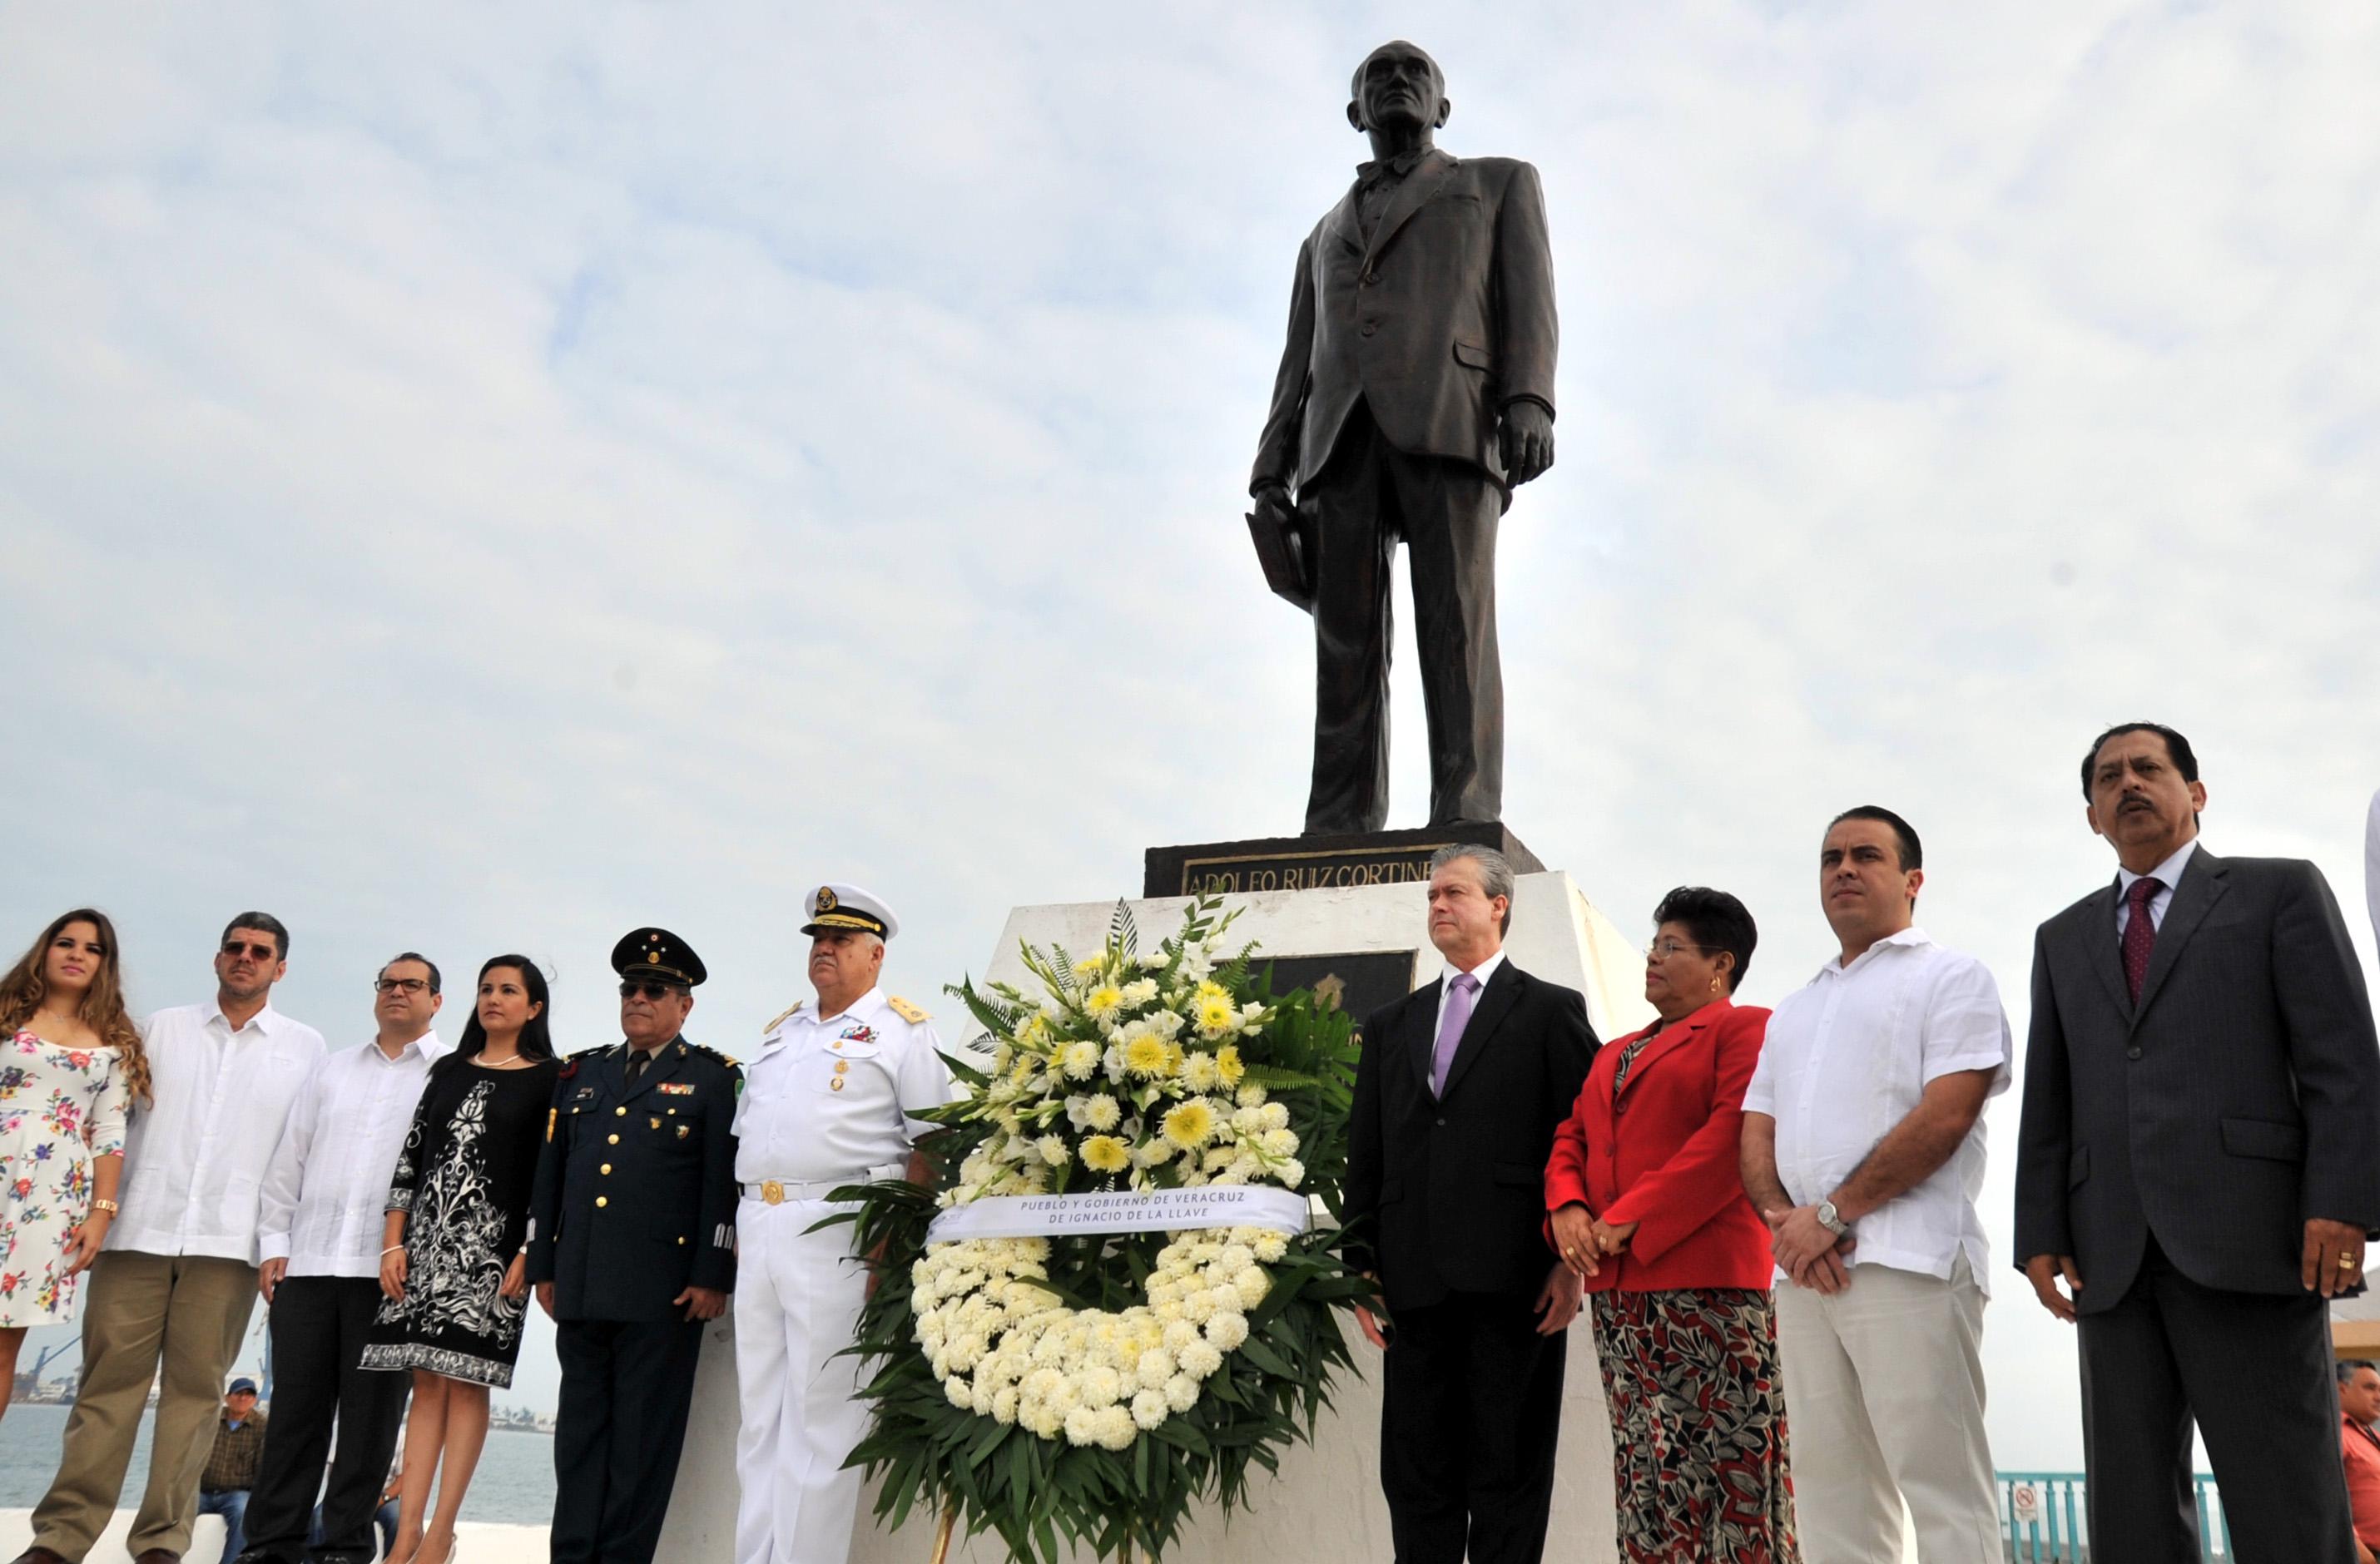 En Veracruz se comparte el legado de honradez y probidad del expresidente Adolfo Ruiz Cortines: Buganza